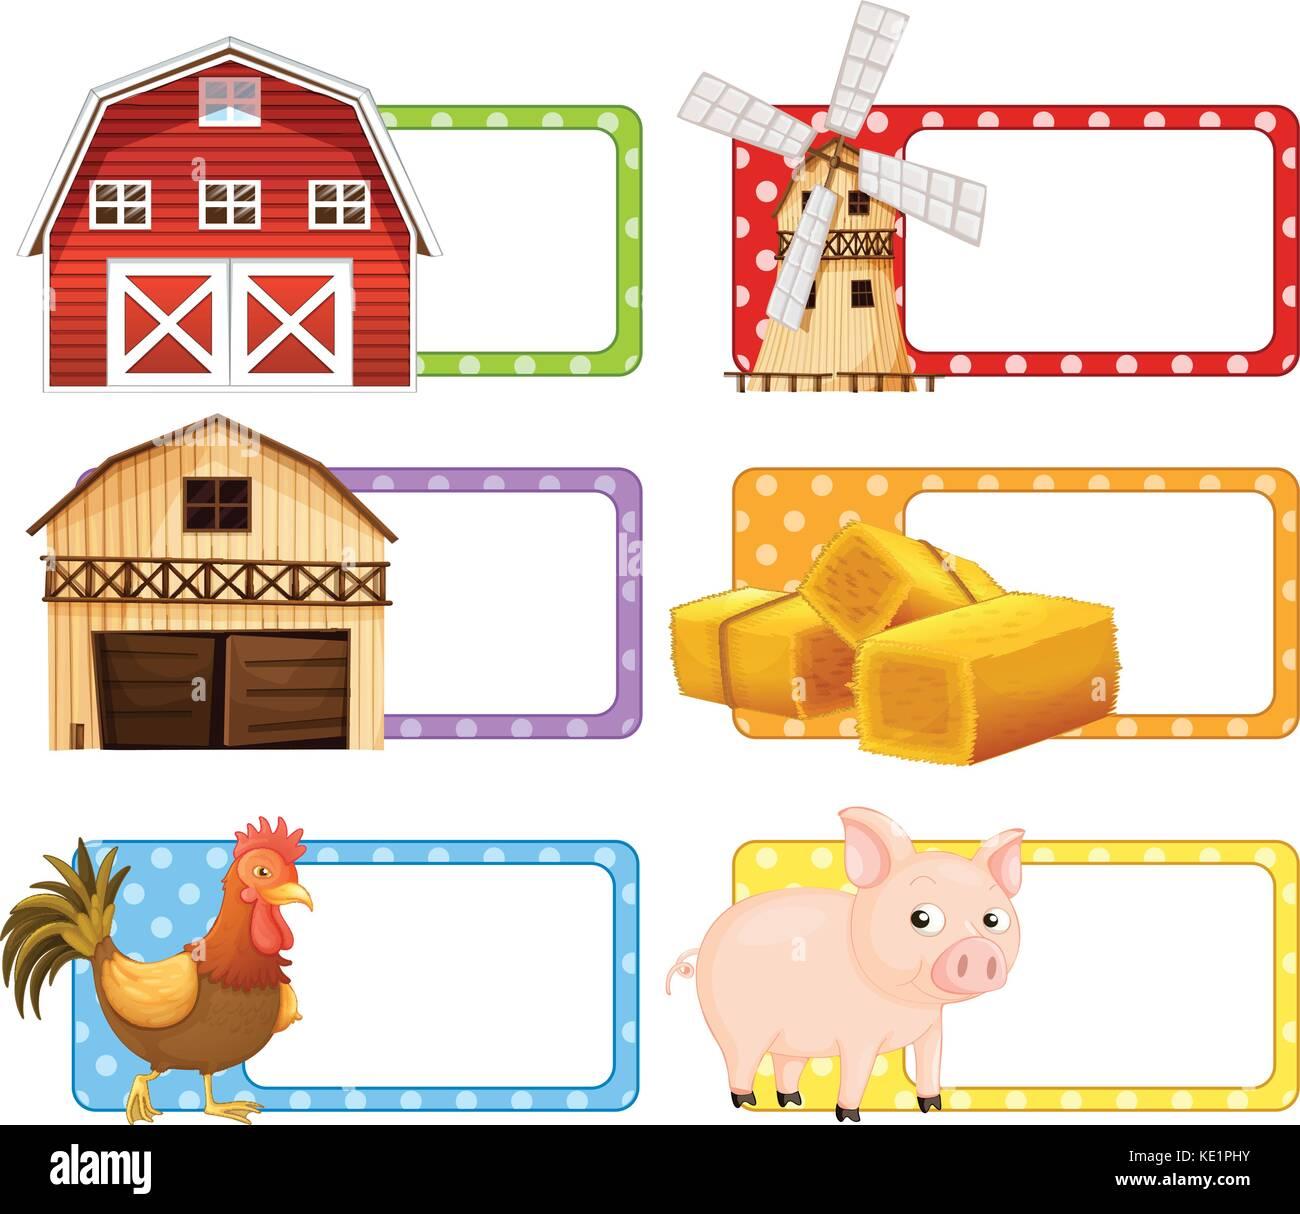 Farm Theme Frame Picture Illustration Stock Photos & Farm Theme ...